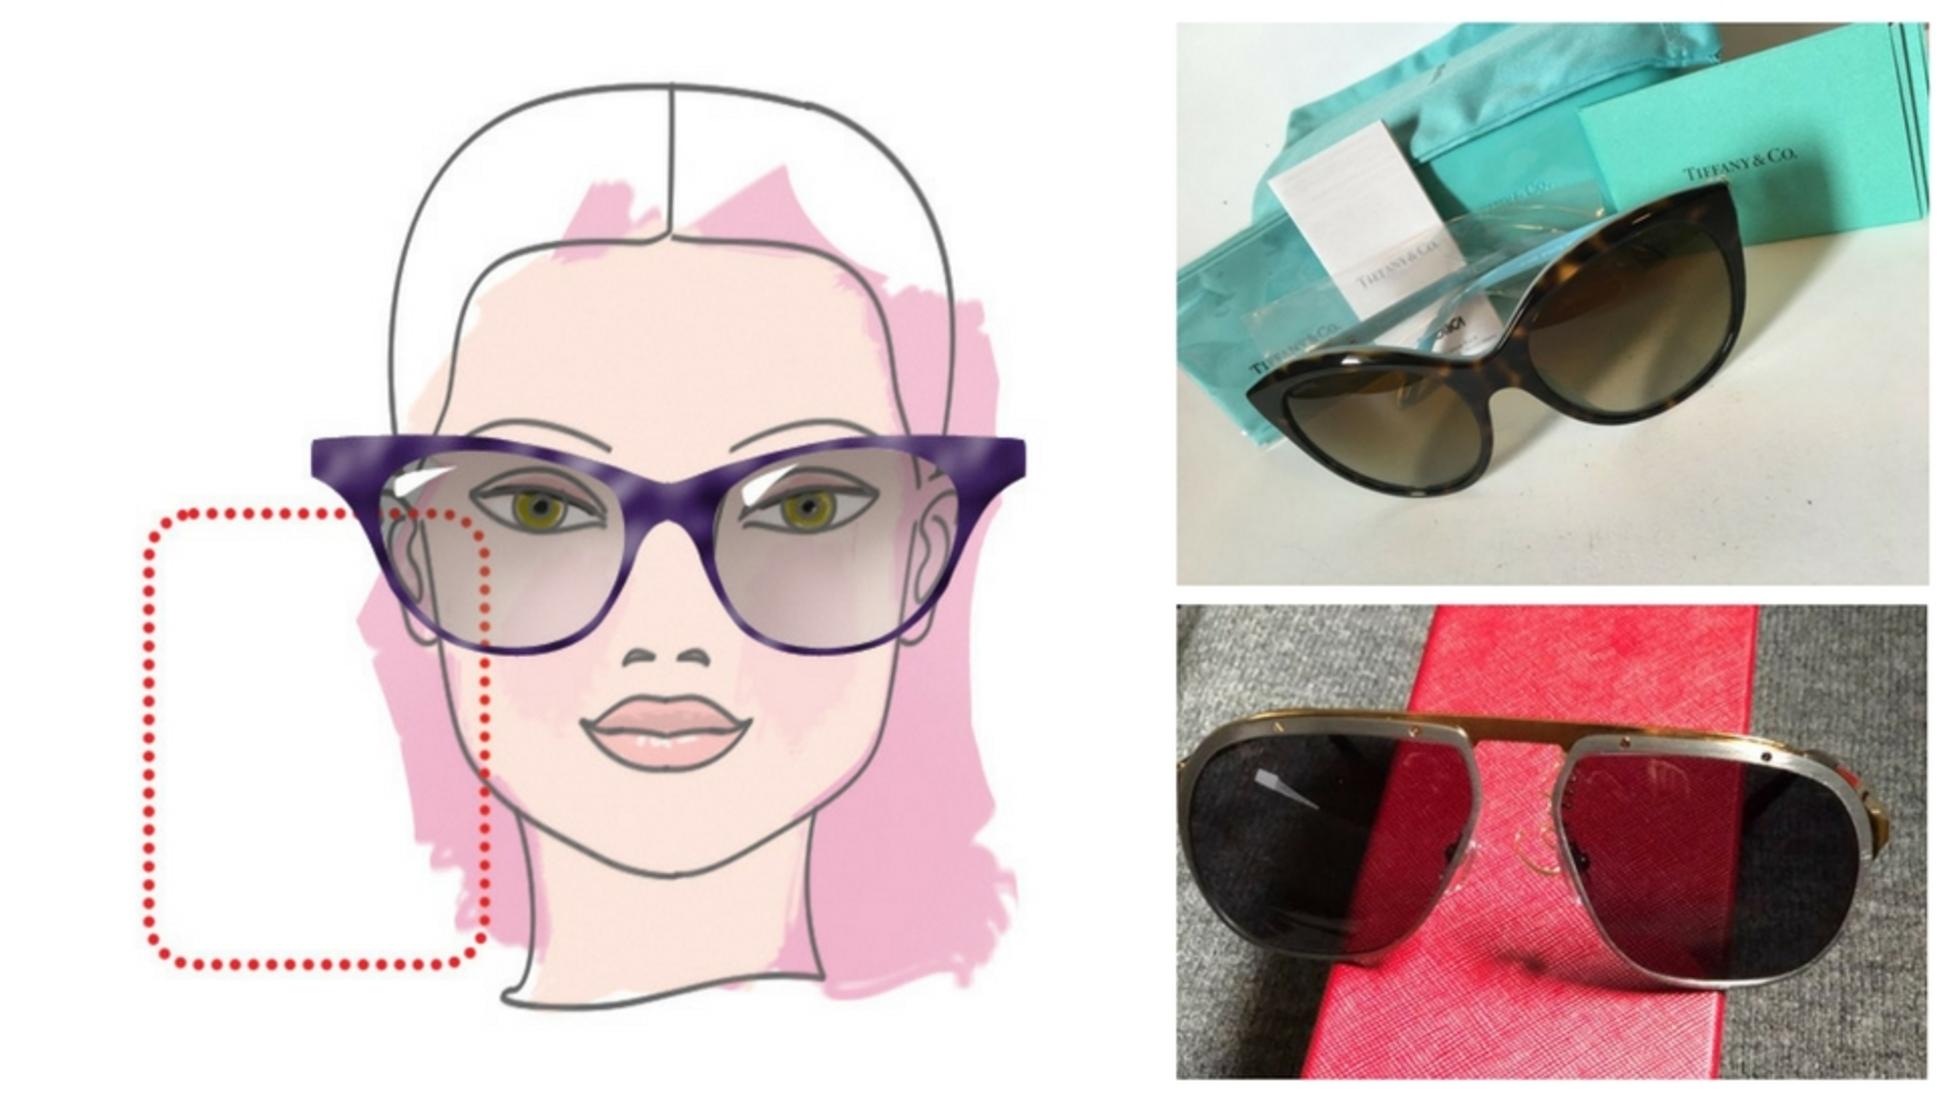 2c8c081f512a1 Os melhores óculos de sol para um rosto quadrado são aqueles que irão  suavizar as fortes linhas naturais do rosto e fazer com que o rosto pareça  mais longo